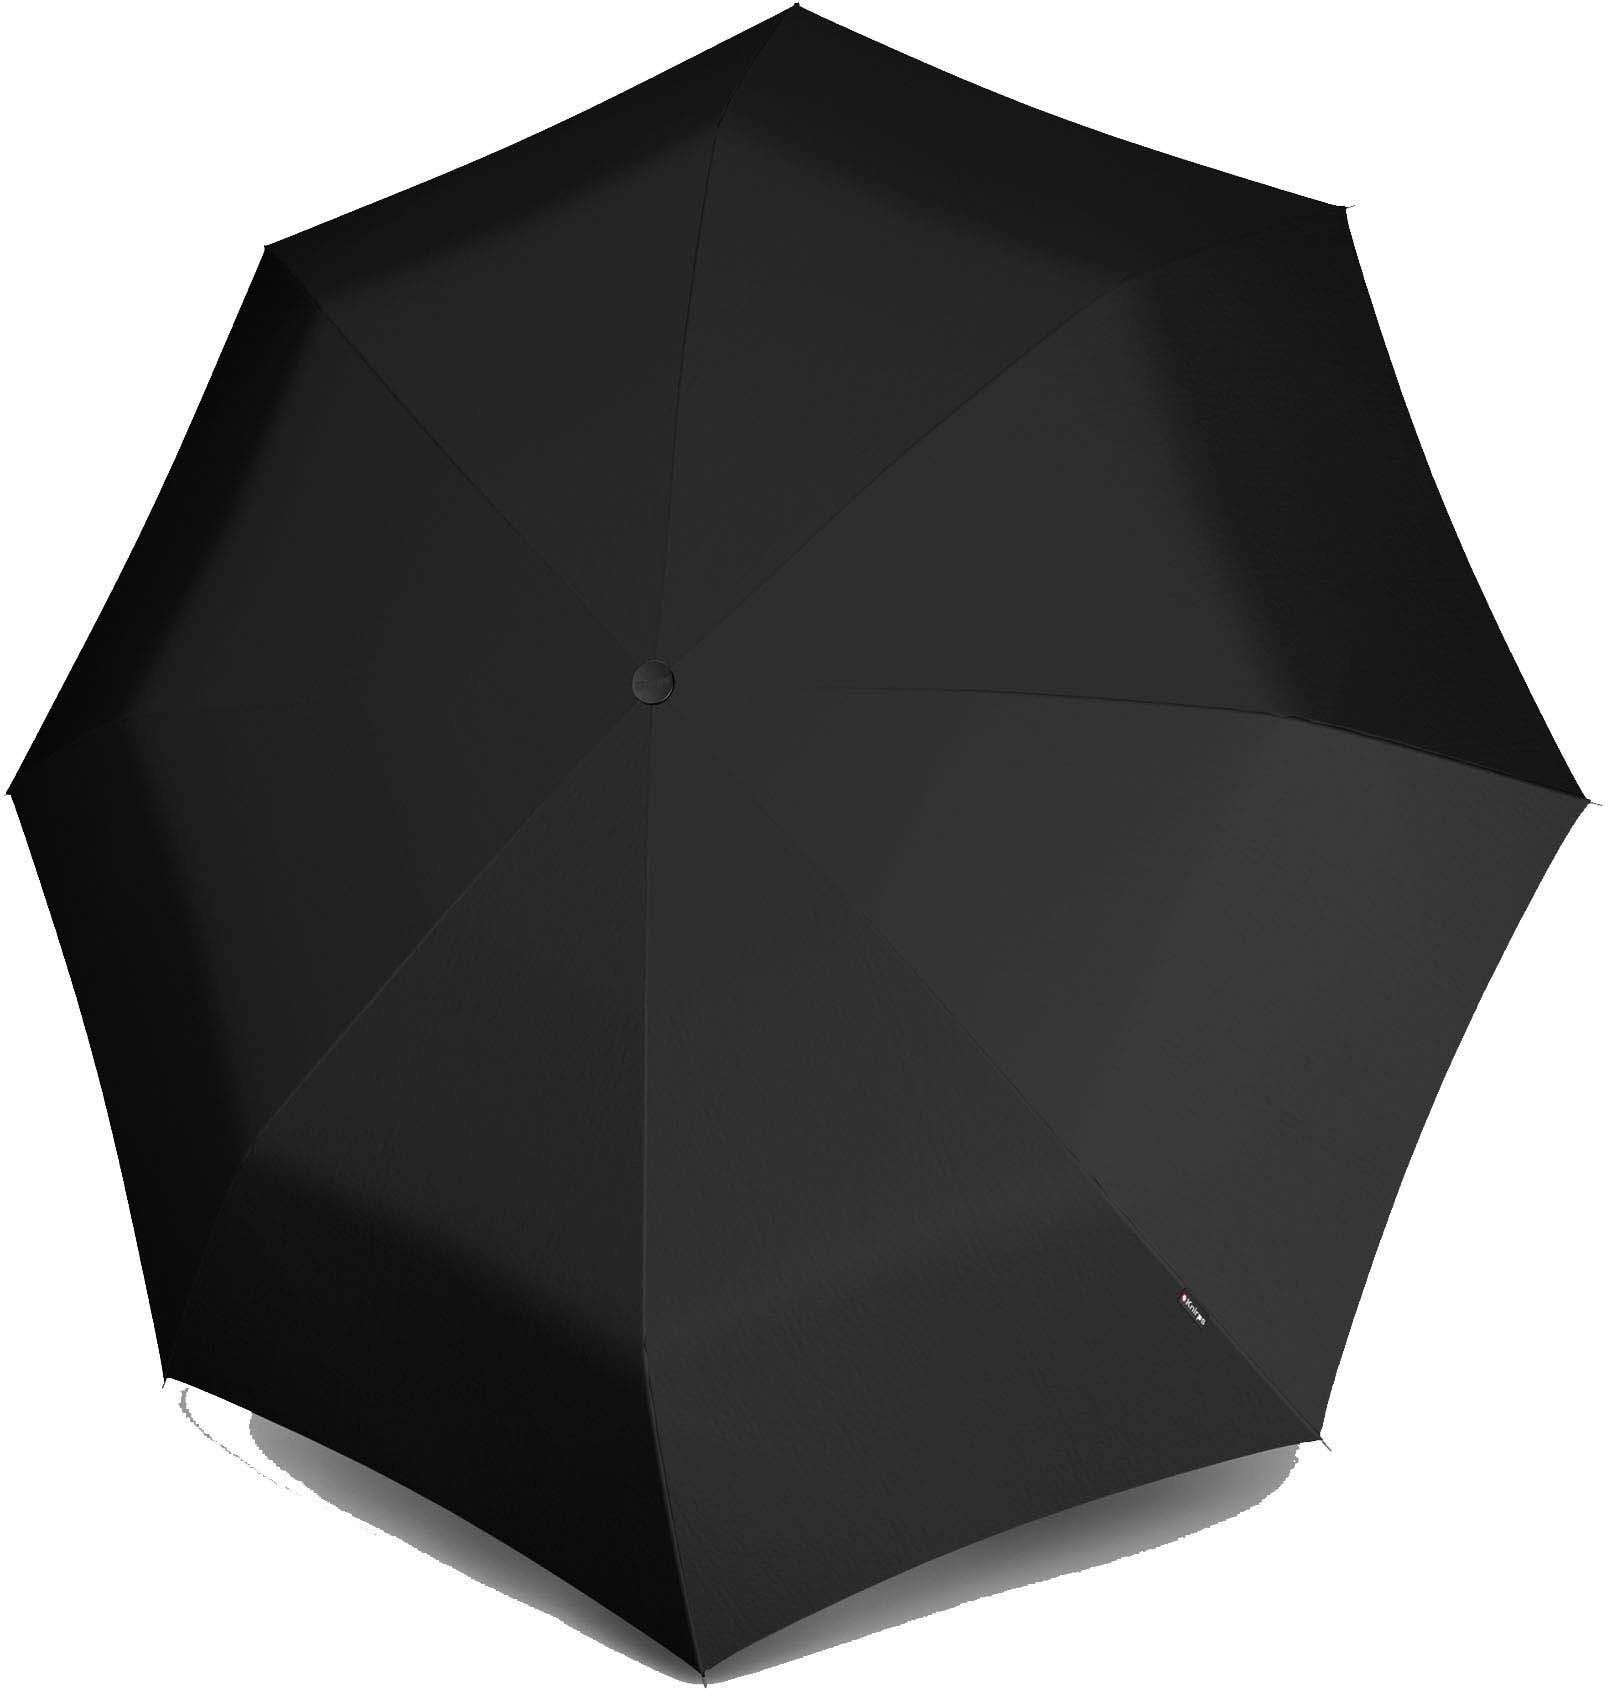 Knirps® Regenschirm - Taschenschirm »T.200 Medium Duomatic black« | Accessoires > Regenschirme > Taschenschirme | Schwarz | KNIRPS